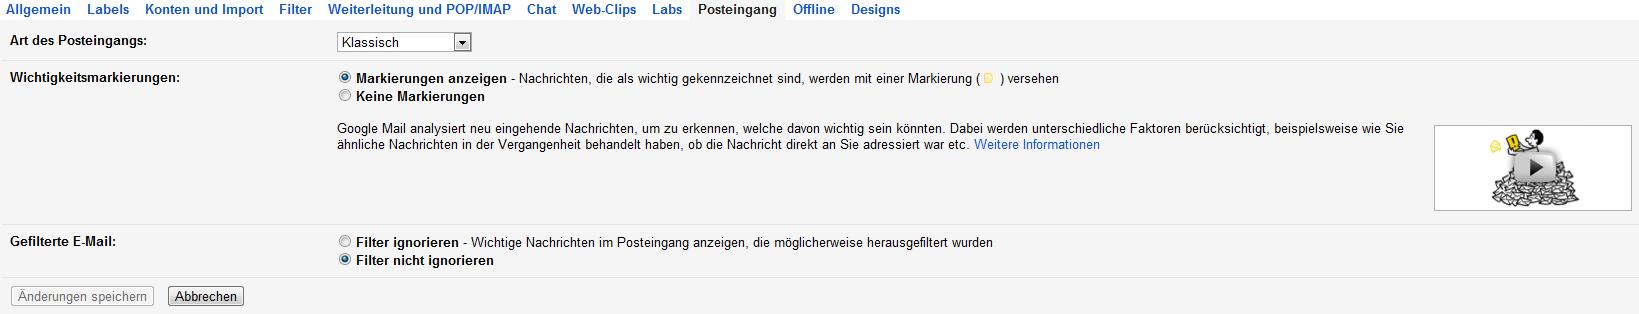 10-google-mail-alle-einstellungsmoeglichkeiten-posteingang-470.png?nocache=1326361846805